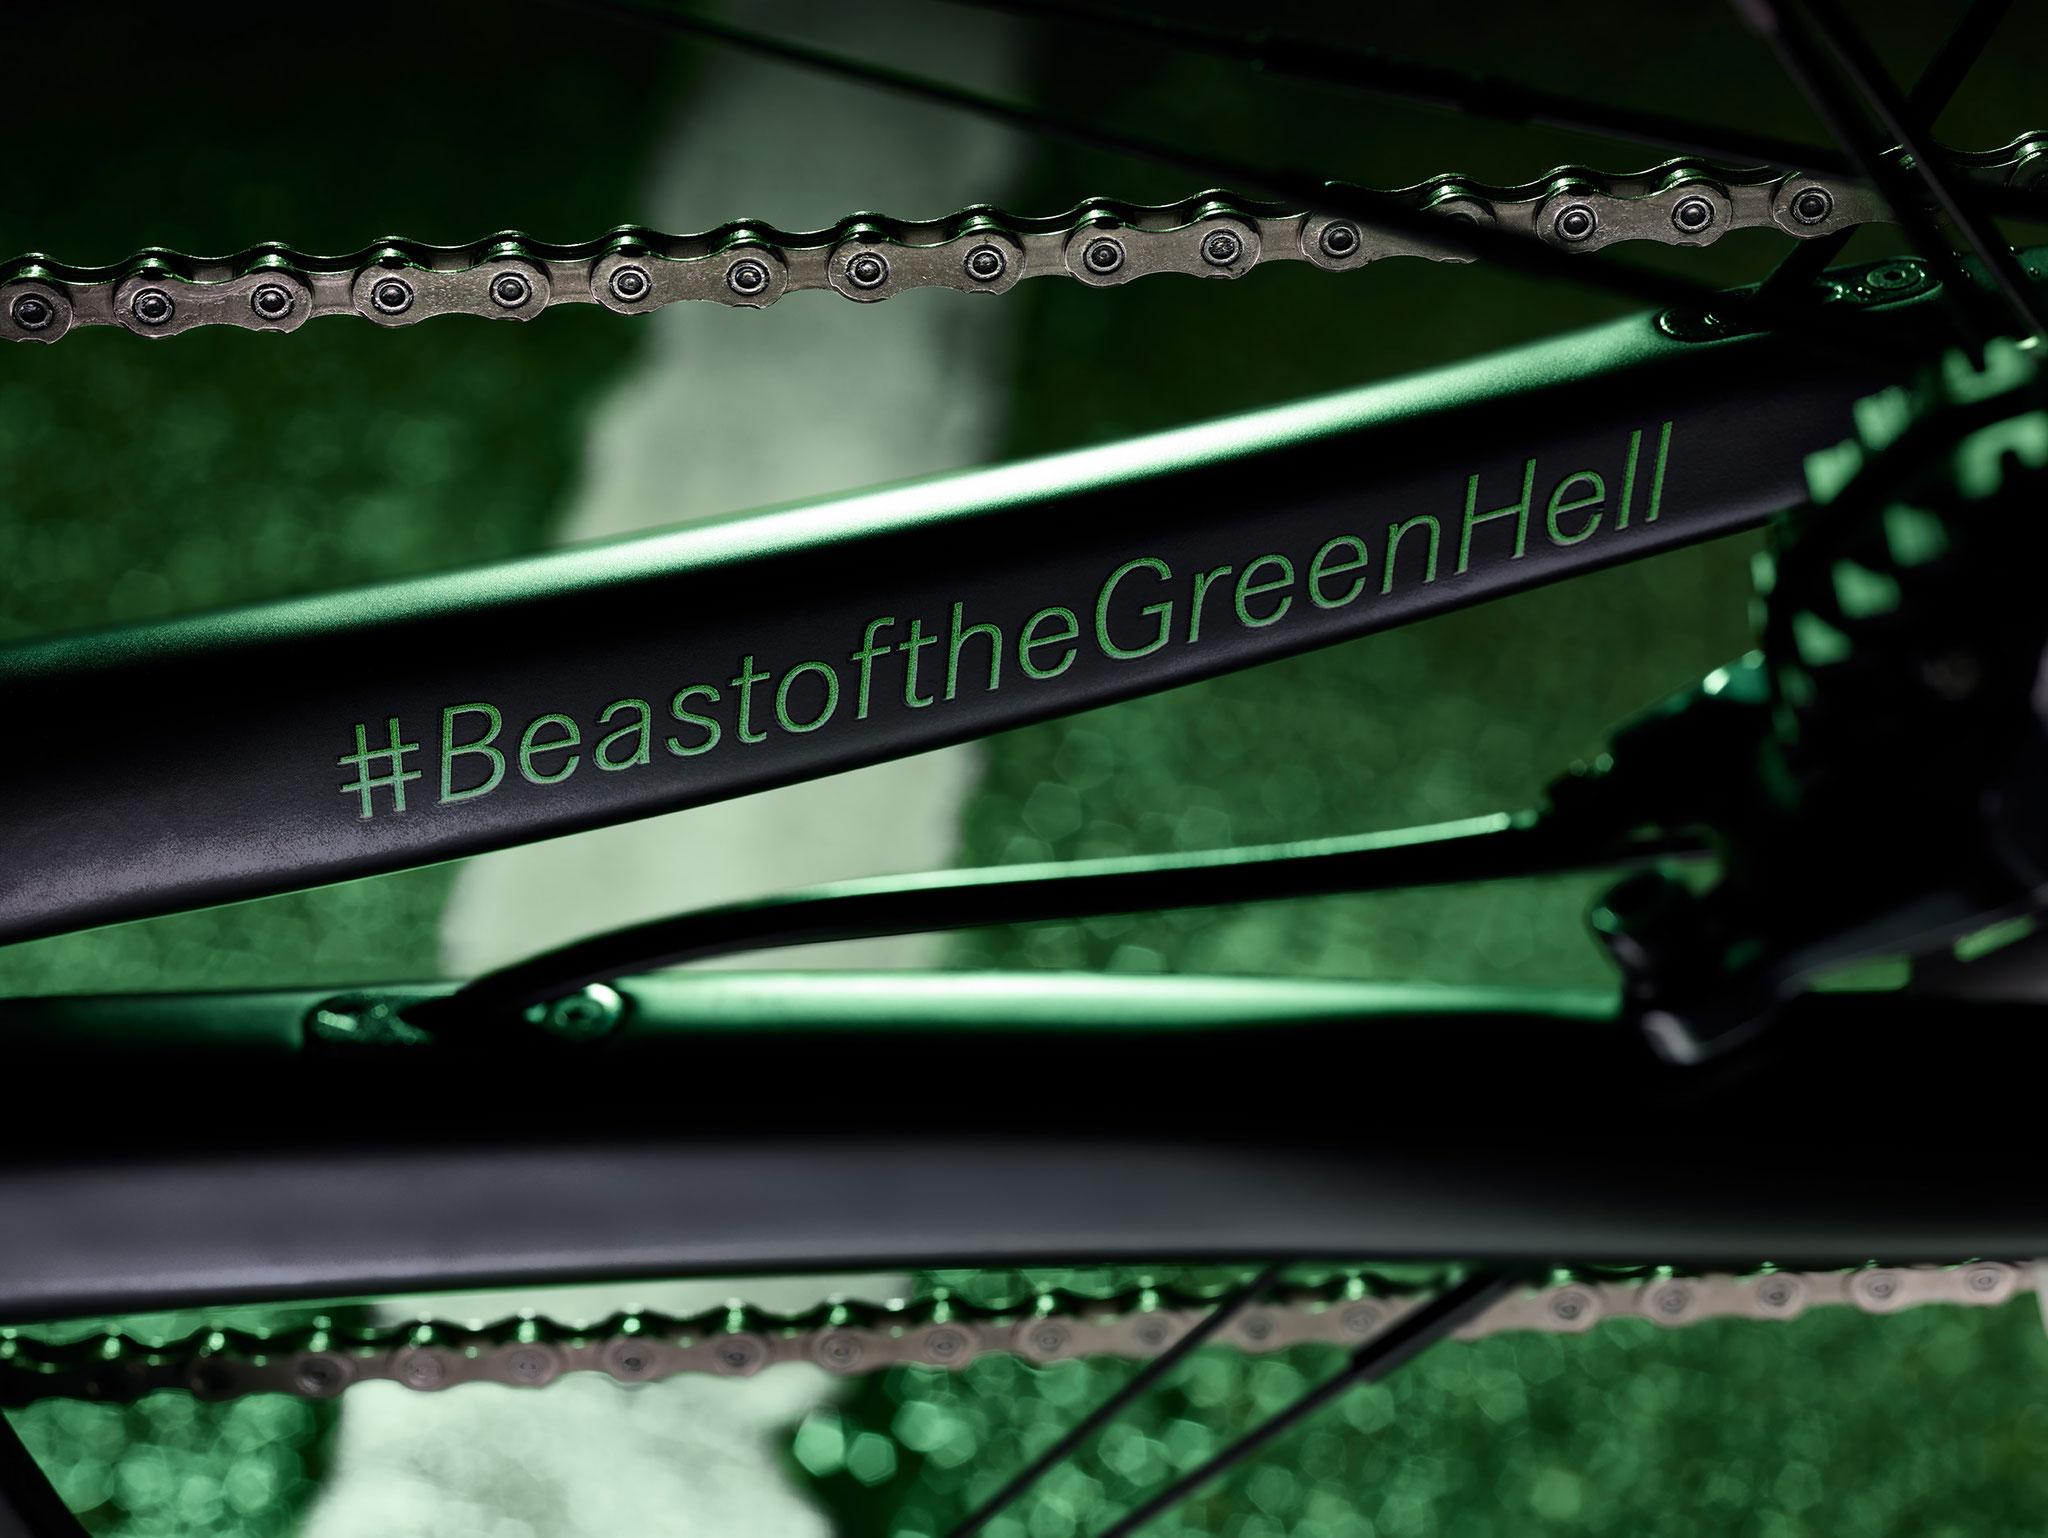 """ROTWILD und Mercedes-AMG stellen vor: R.S2 Limited Edition """"Beast of the Green Hell""""ROTWILD und Mercedes-AMG stellen vor: R.S2 Limited Edition """"Beast of the Green Hell"""""""